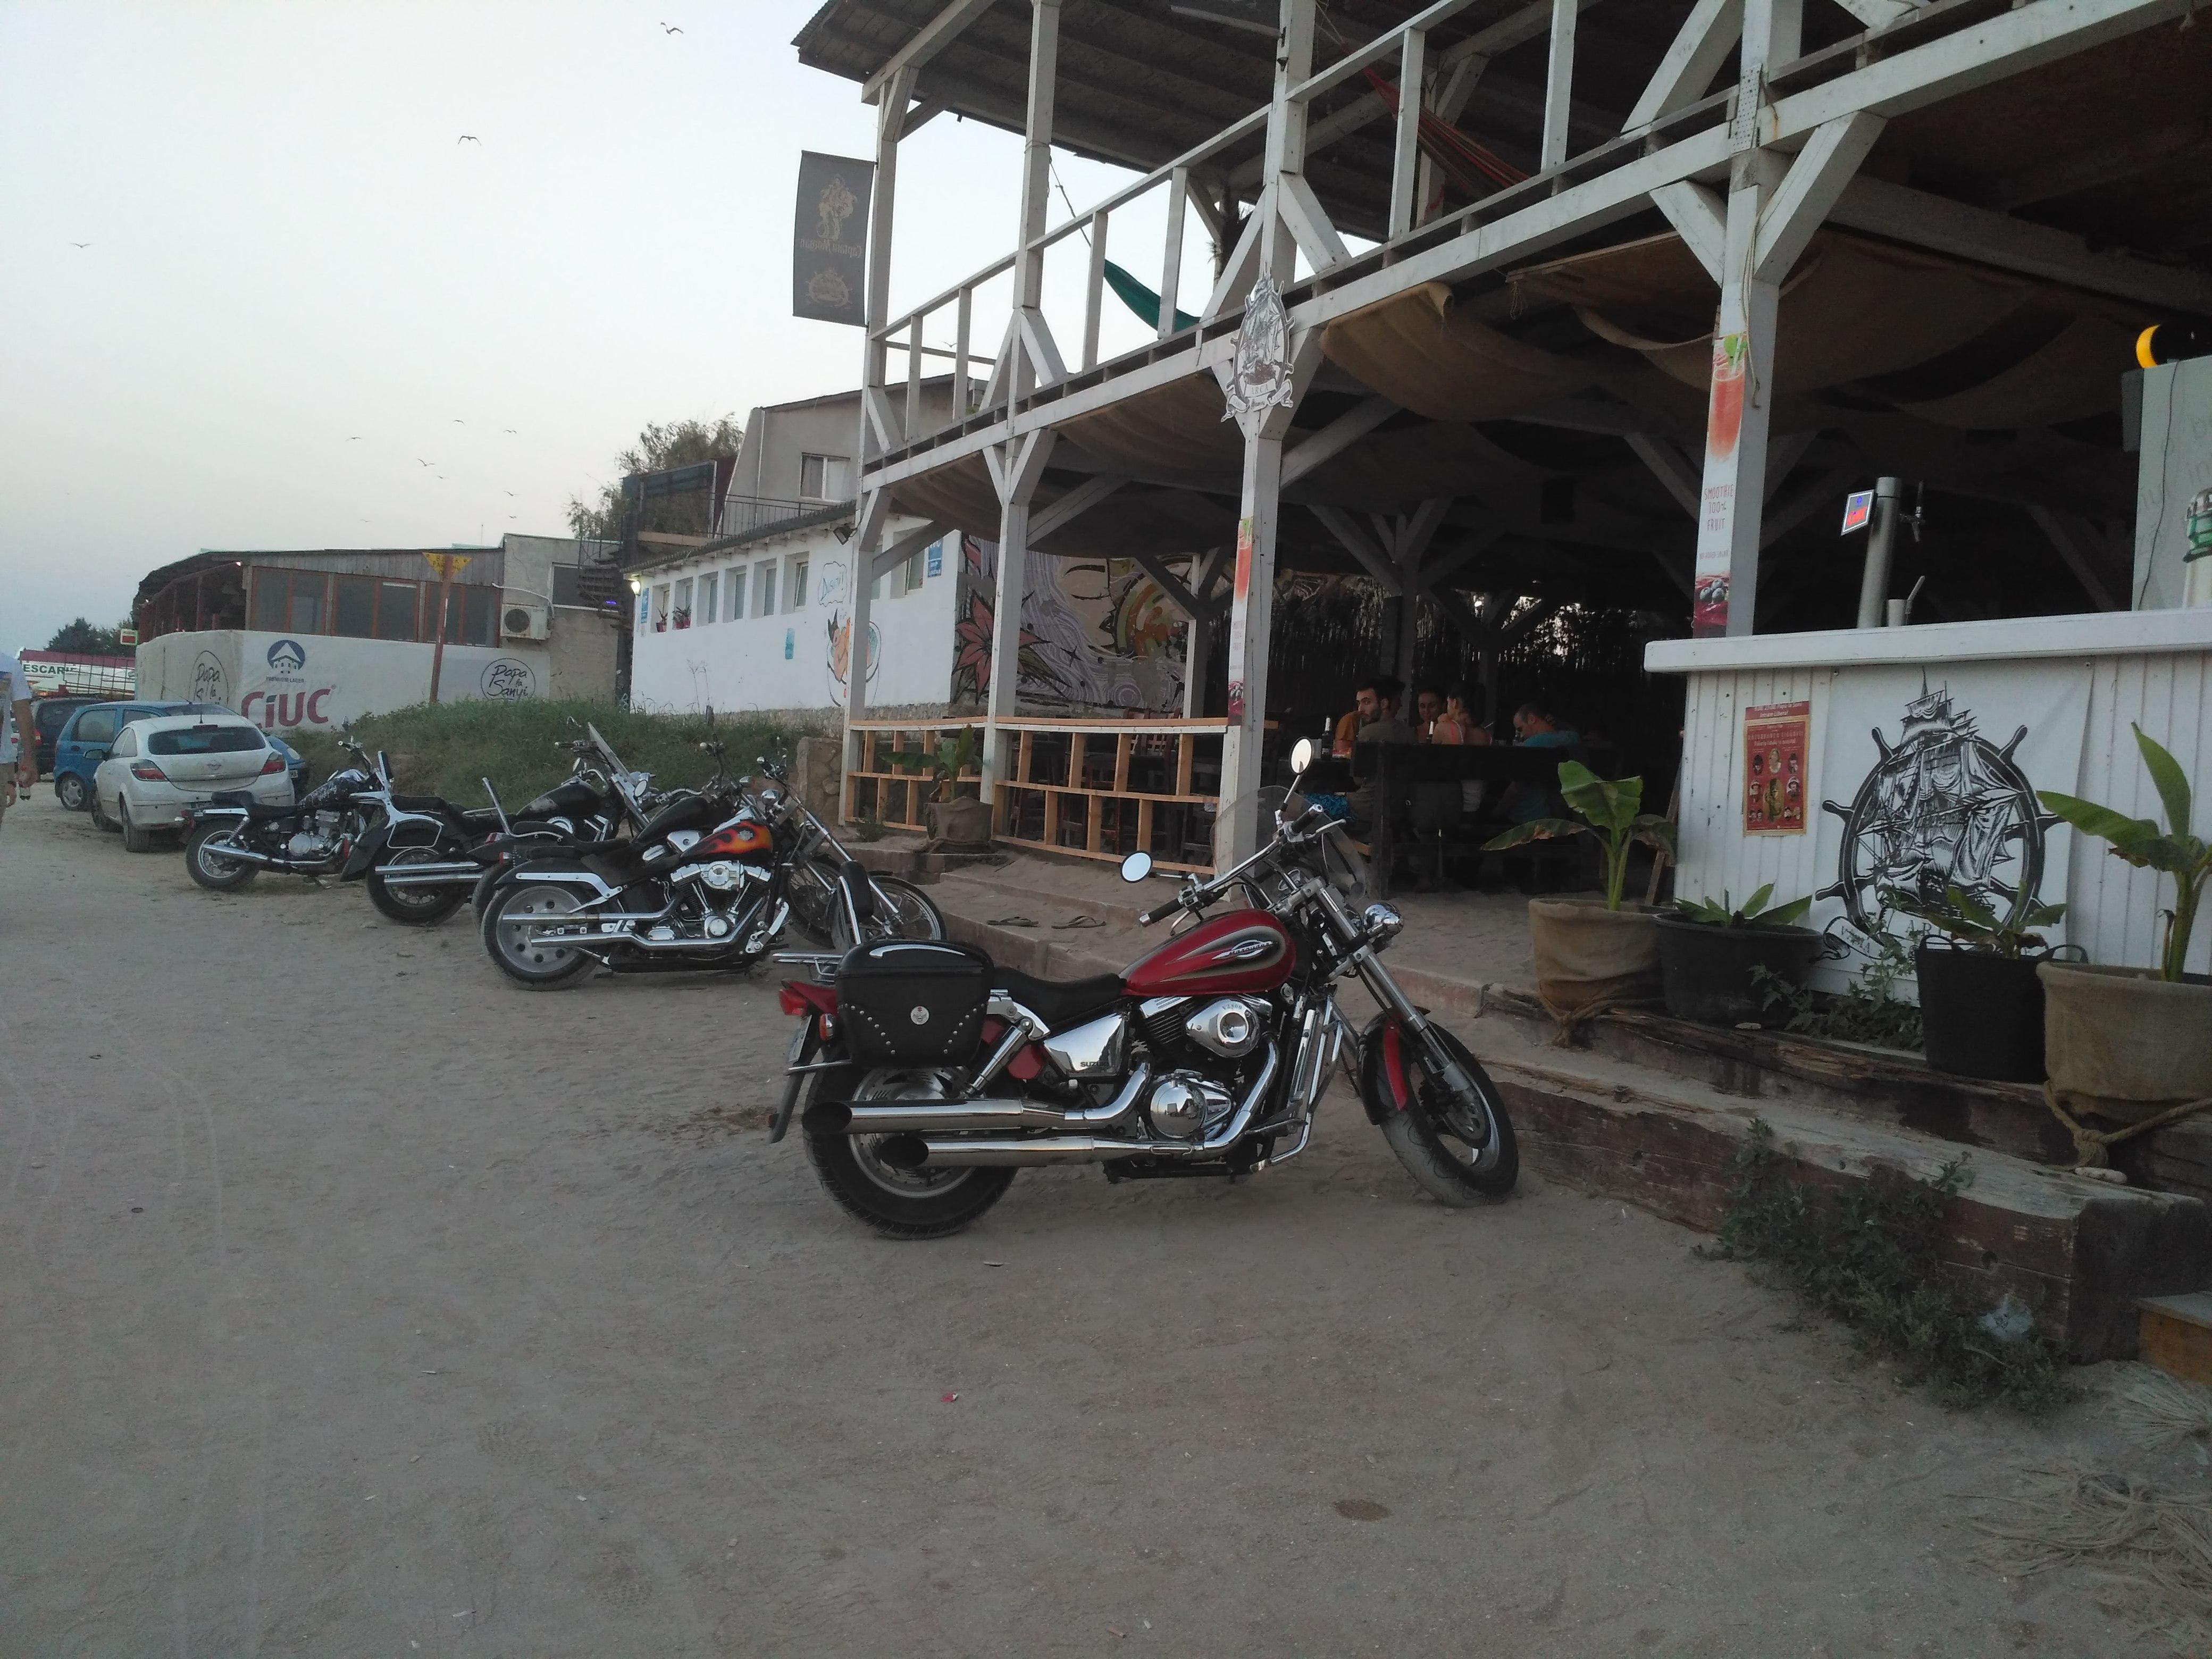 Motocyklowo-metalowy bar na plaży